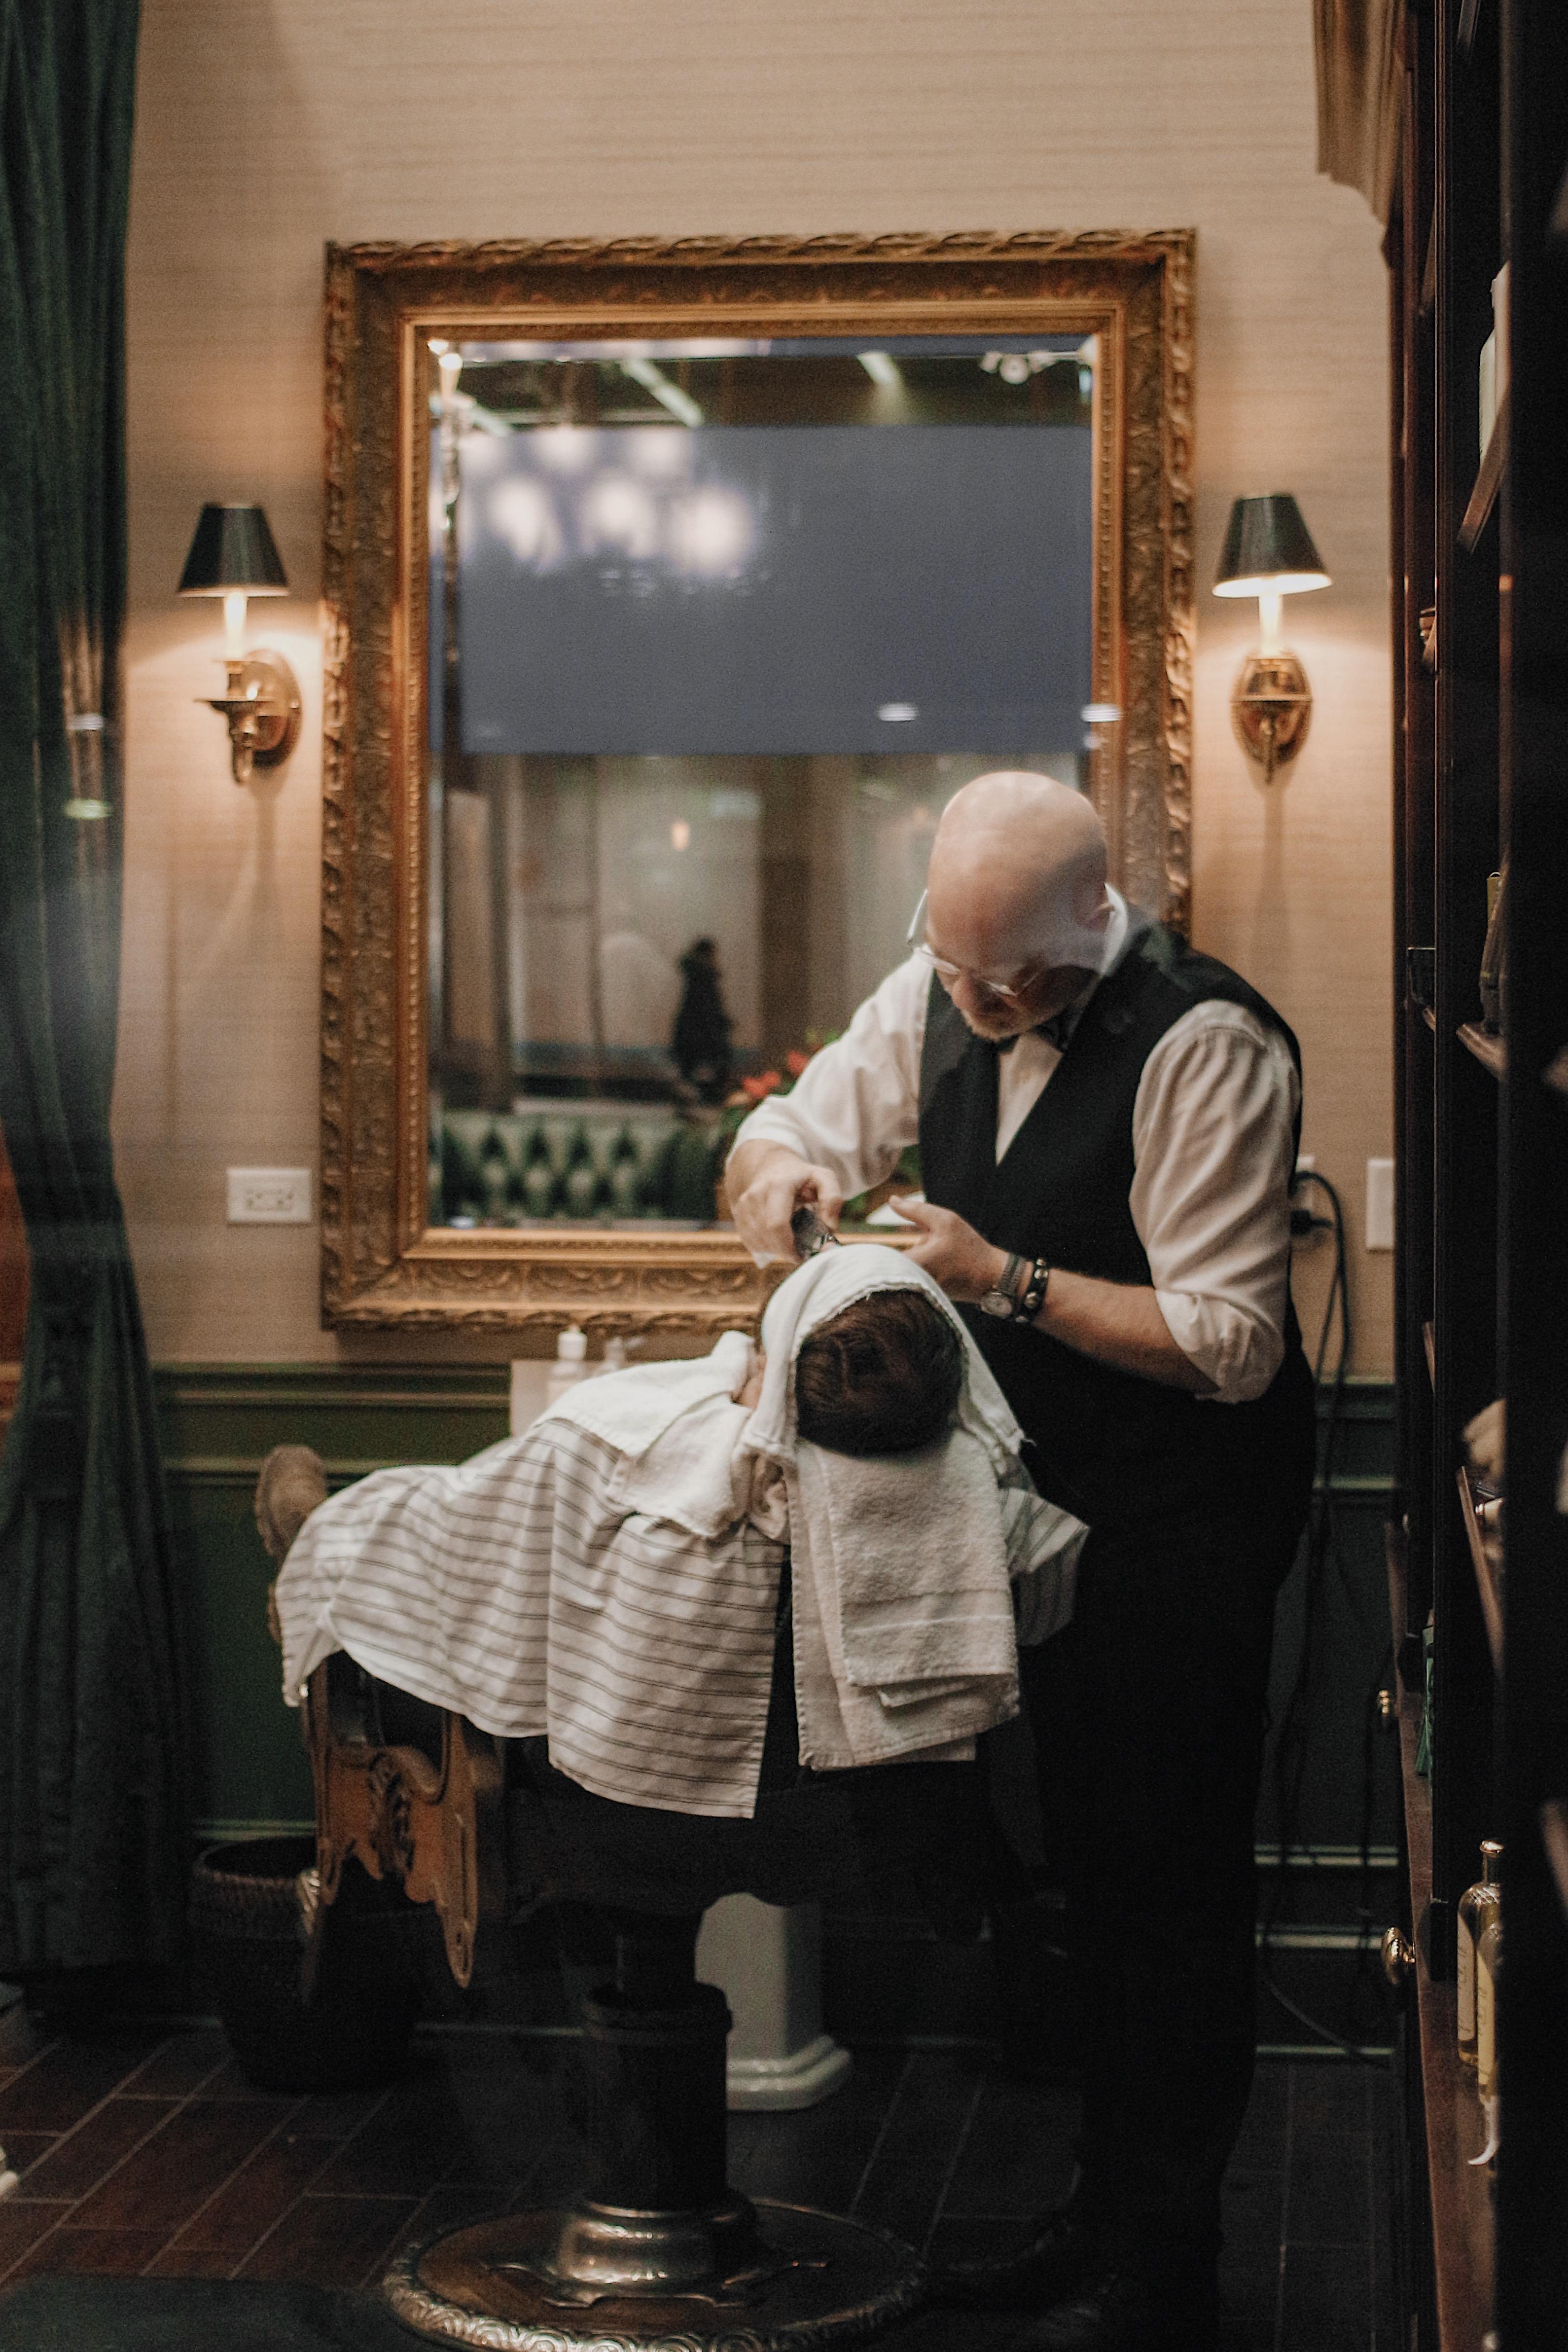 Vulnerable at Barber Shop